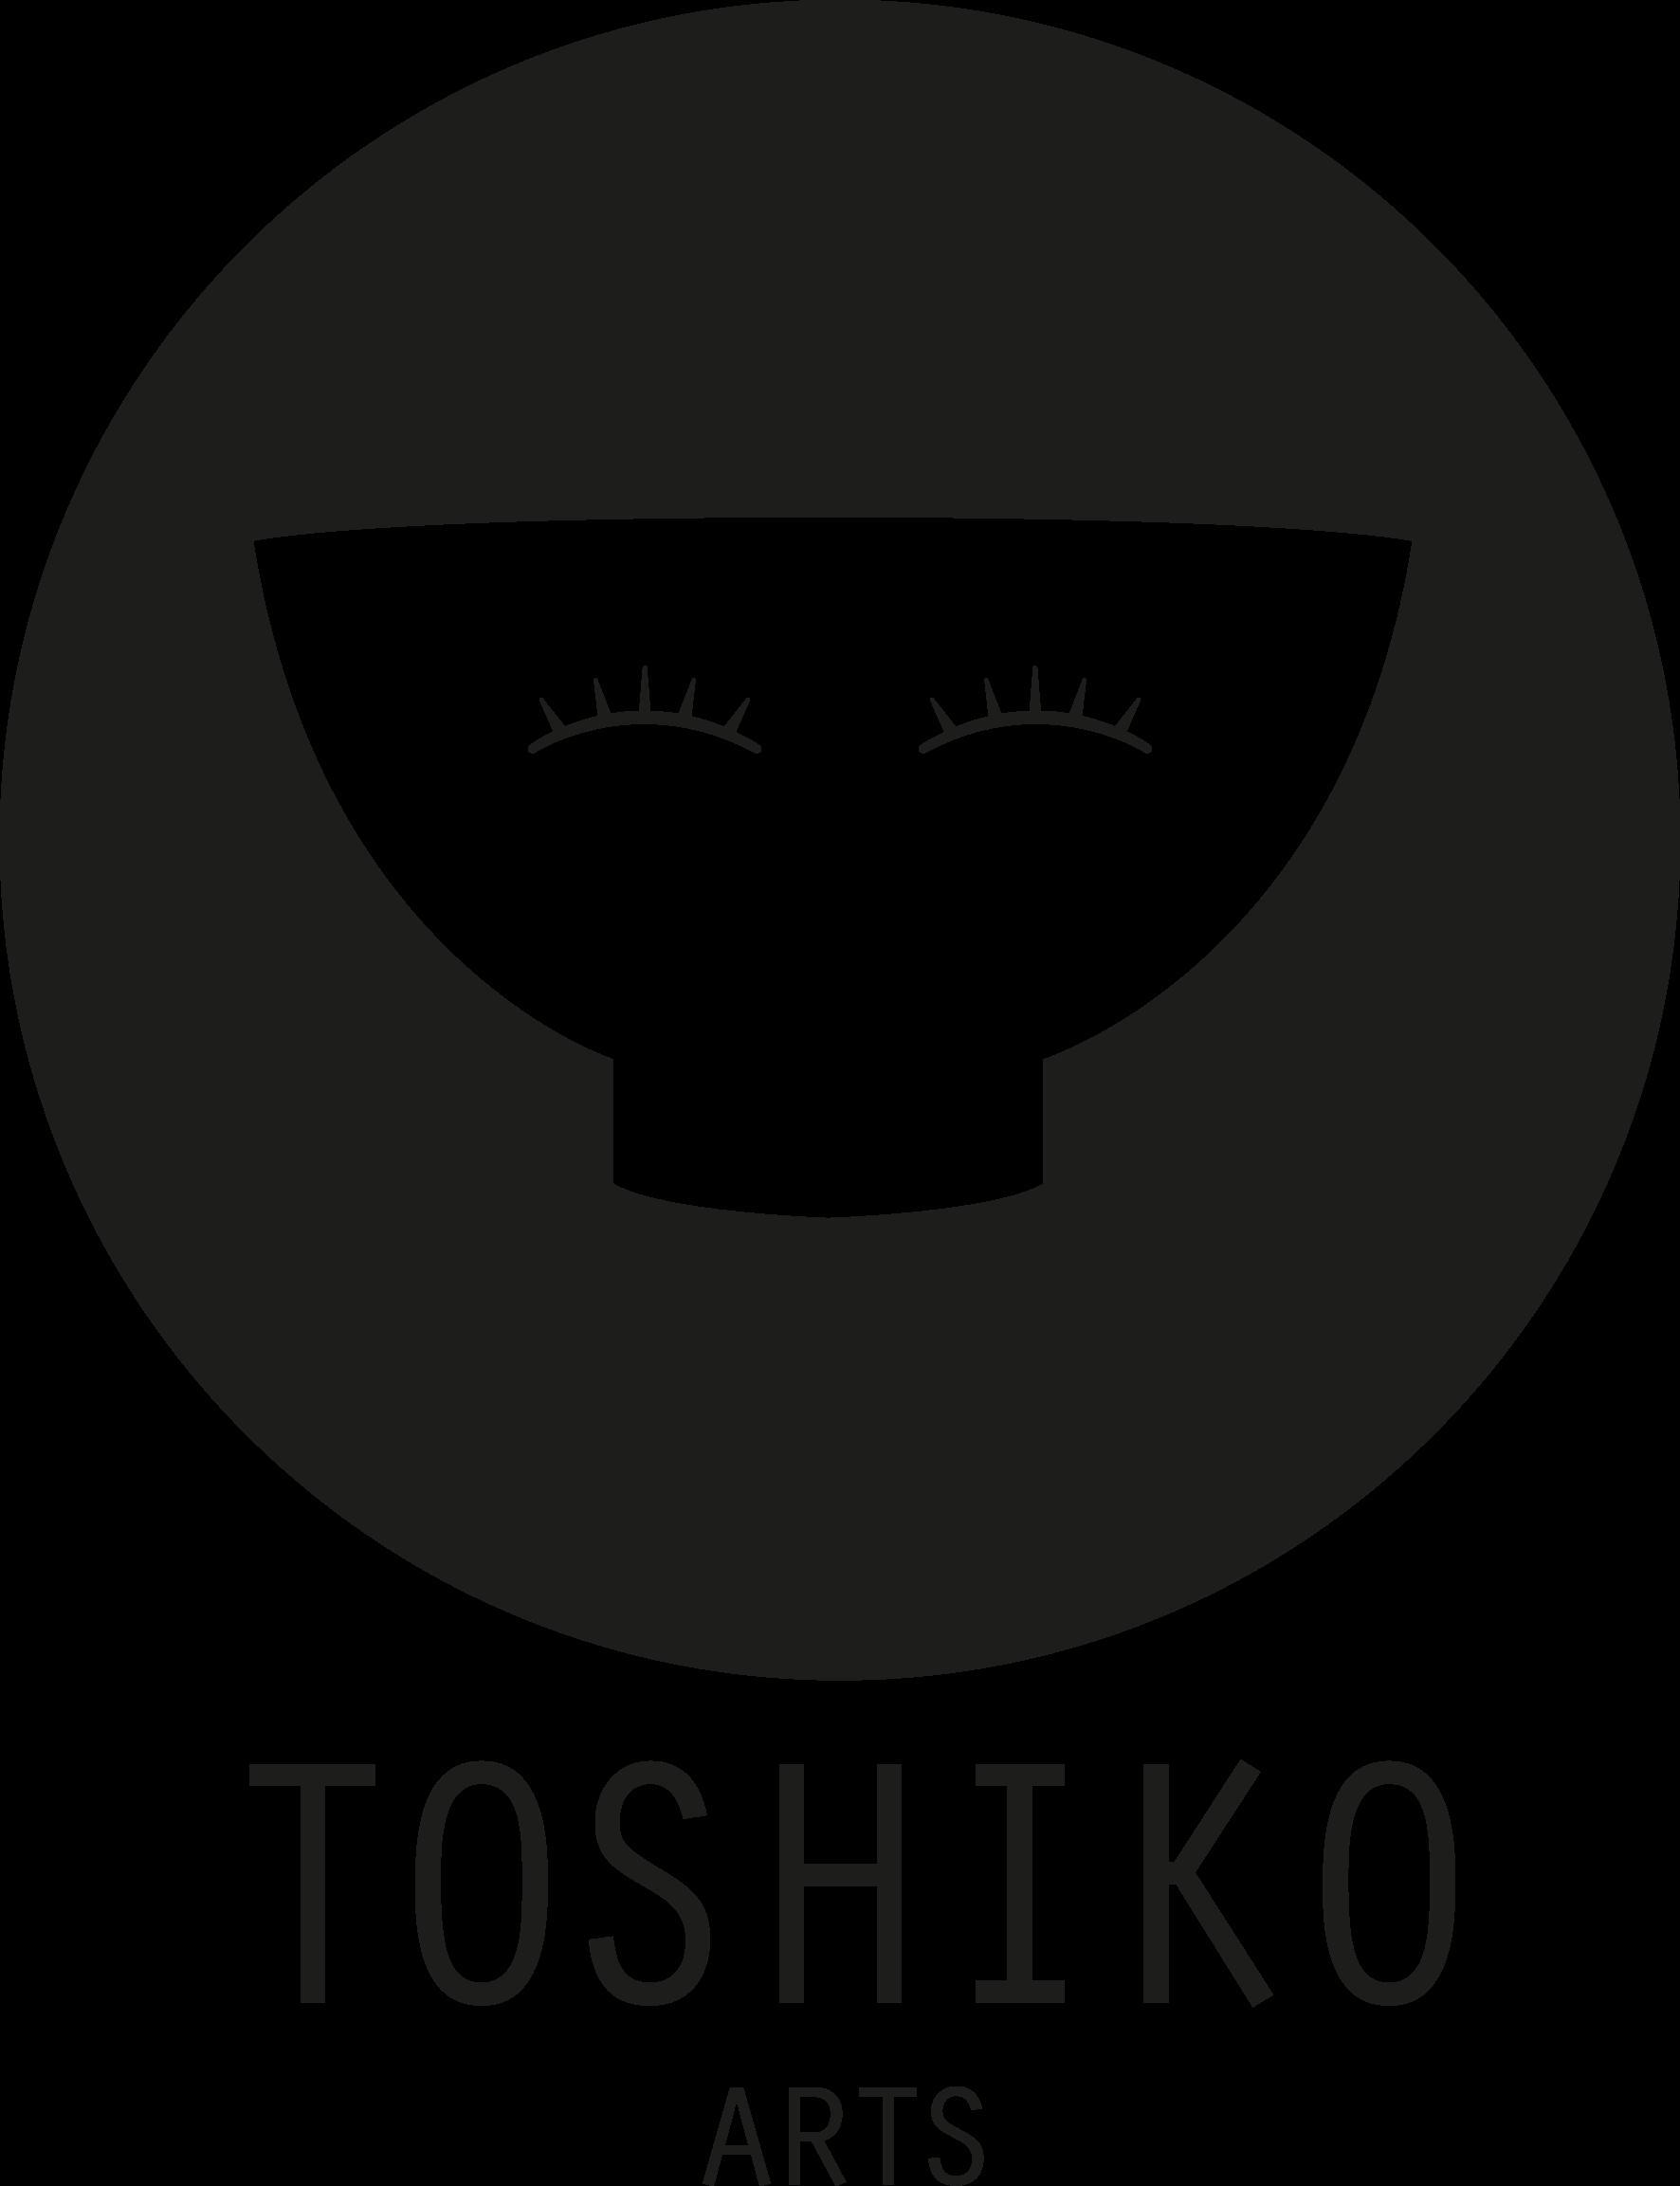 トシコ アーツ